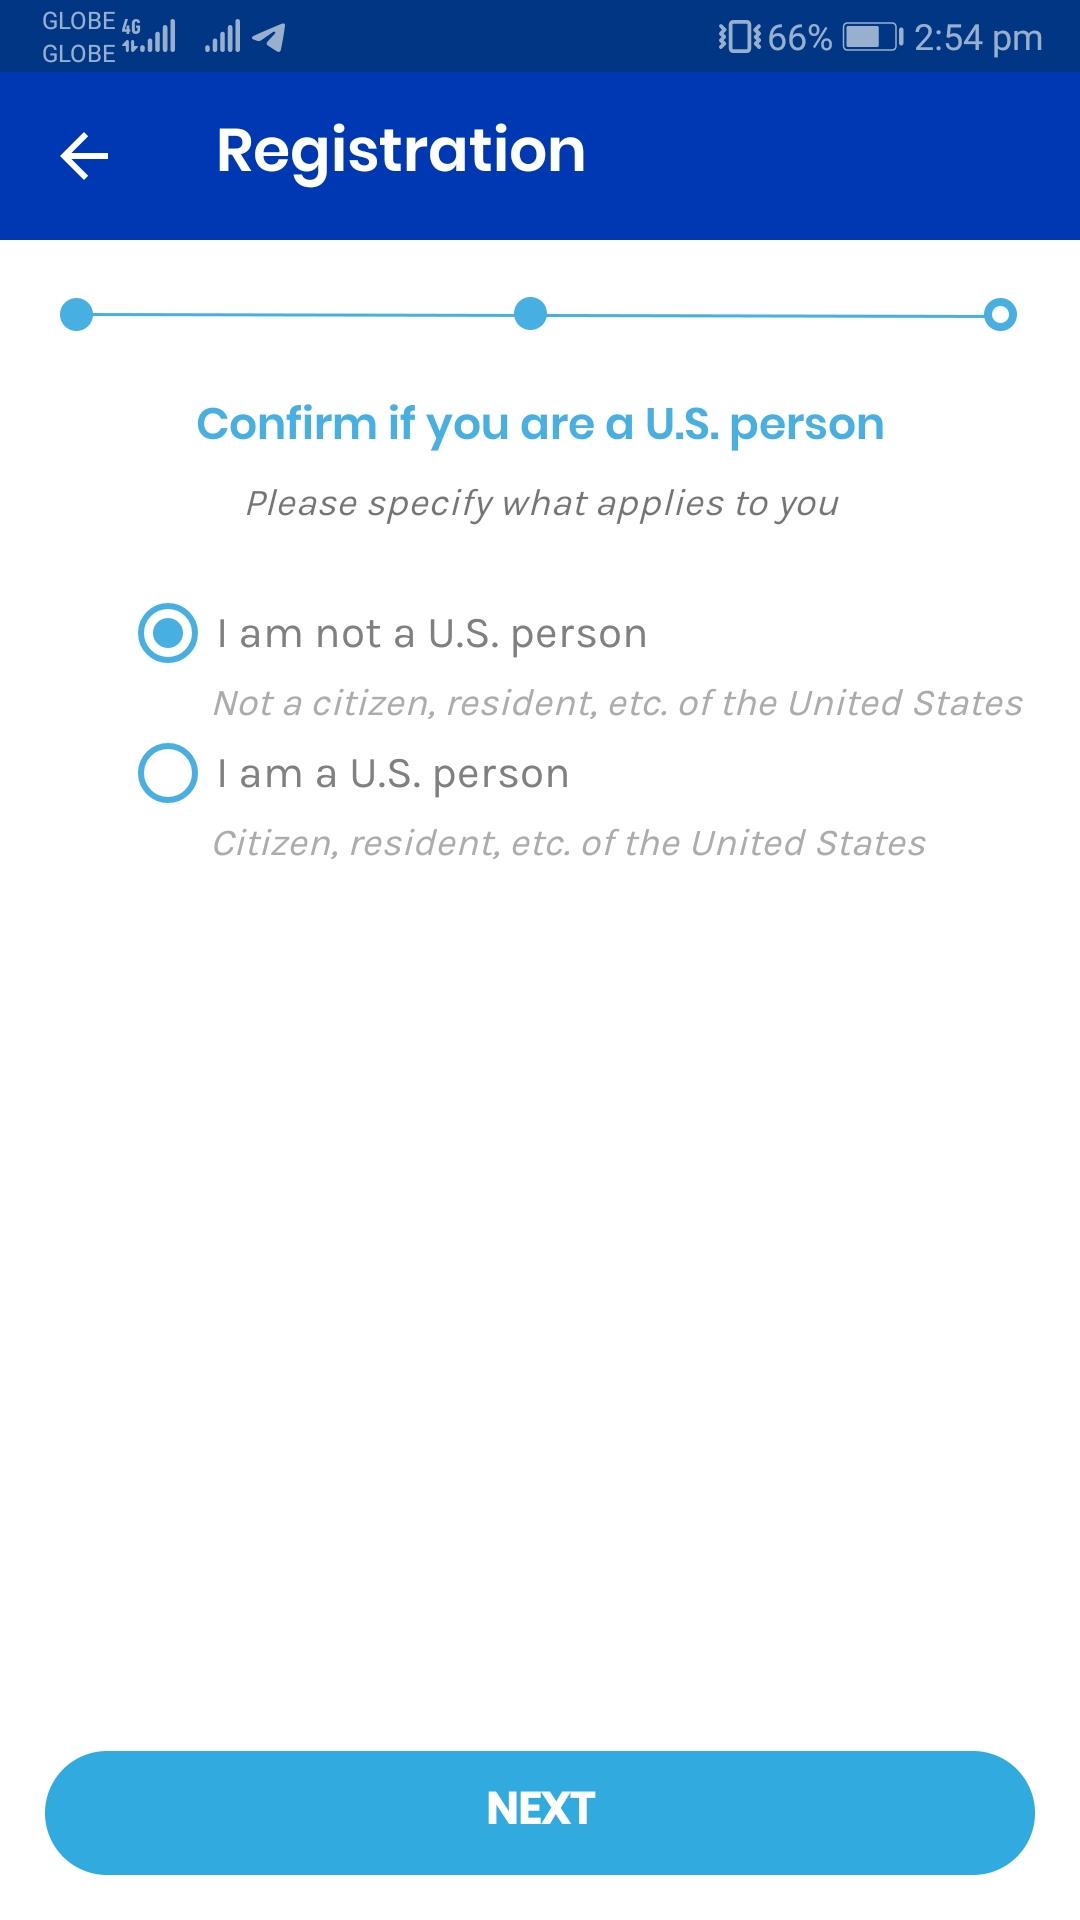 3_Registration_-_US_Person_Declaration.jpg